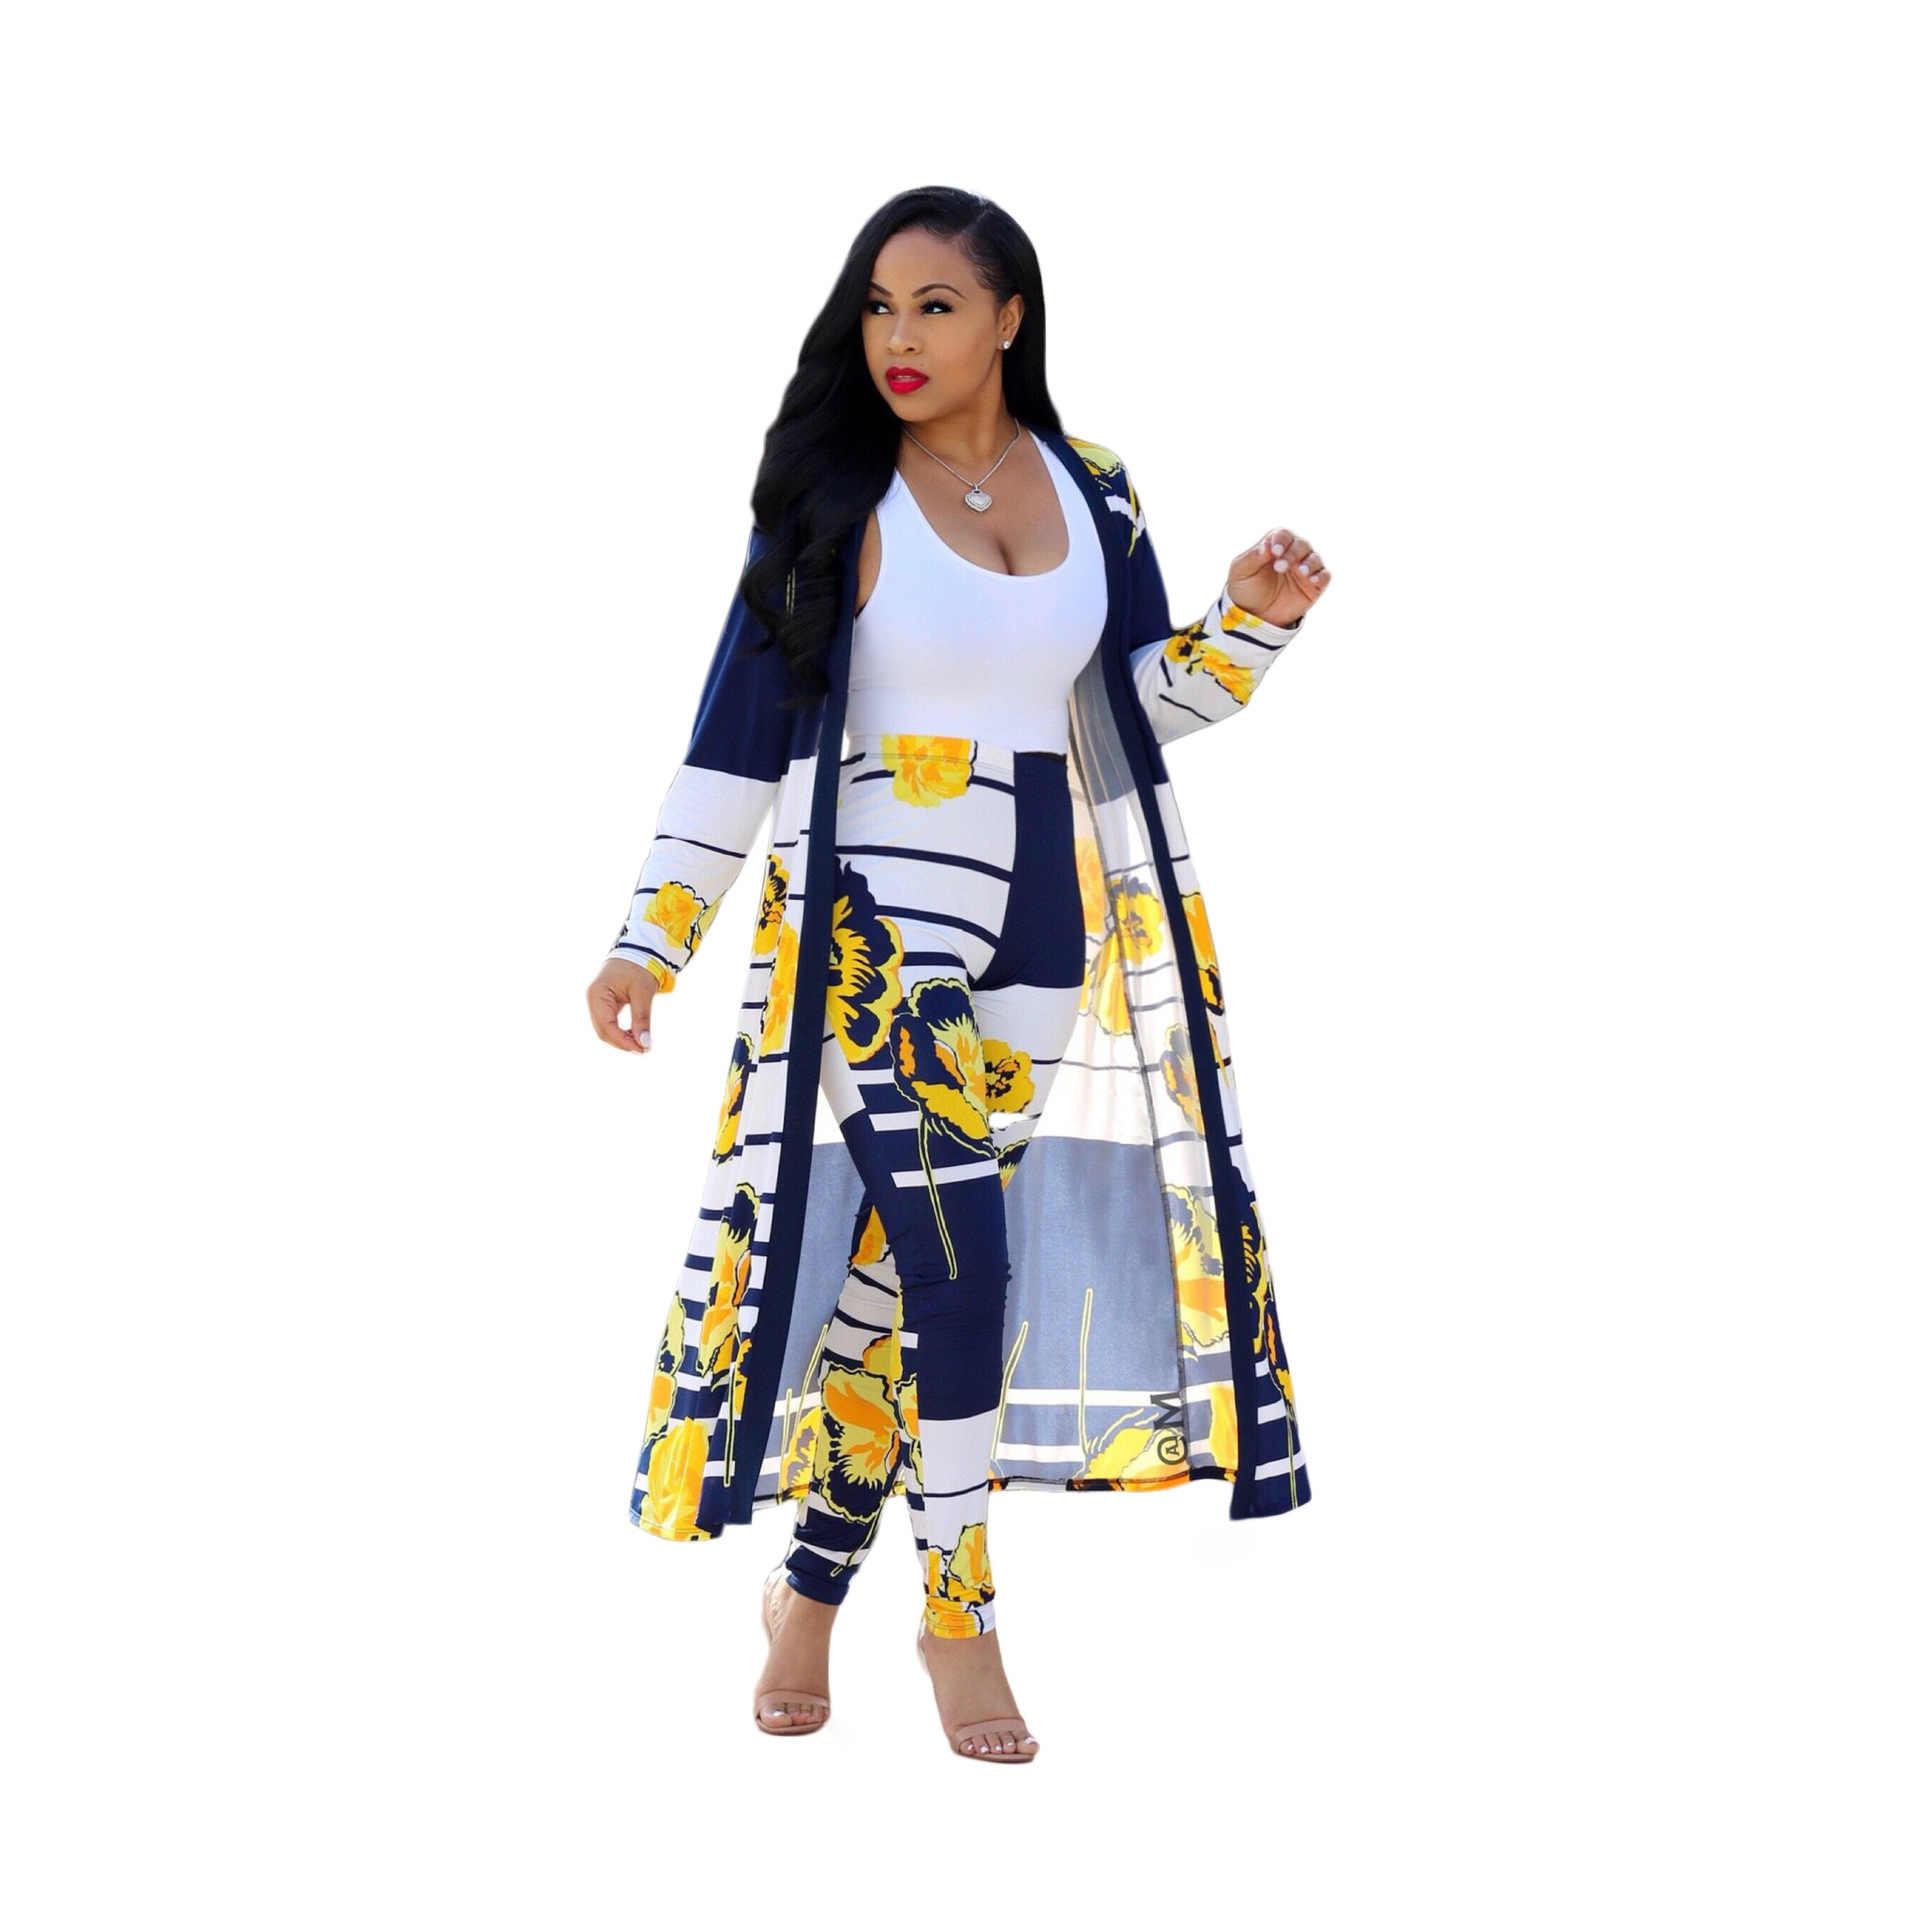 2019 neue Afrikanische Freies Größe Mode Gestreiften Breitbeinig Hosen mit Langen Mantel 2 Stück Bazin Anzug Große Elastische für Dame